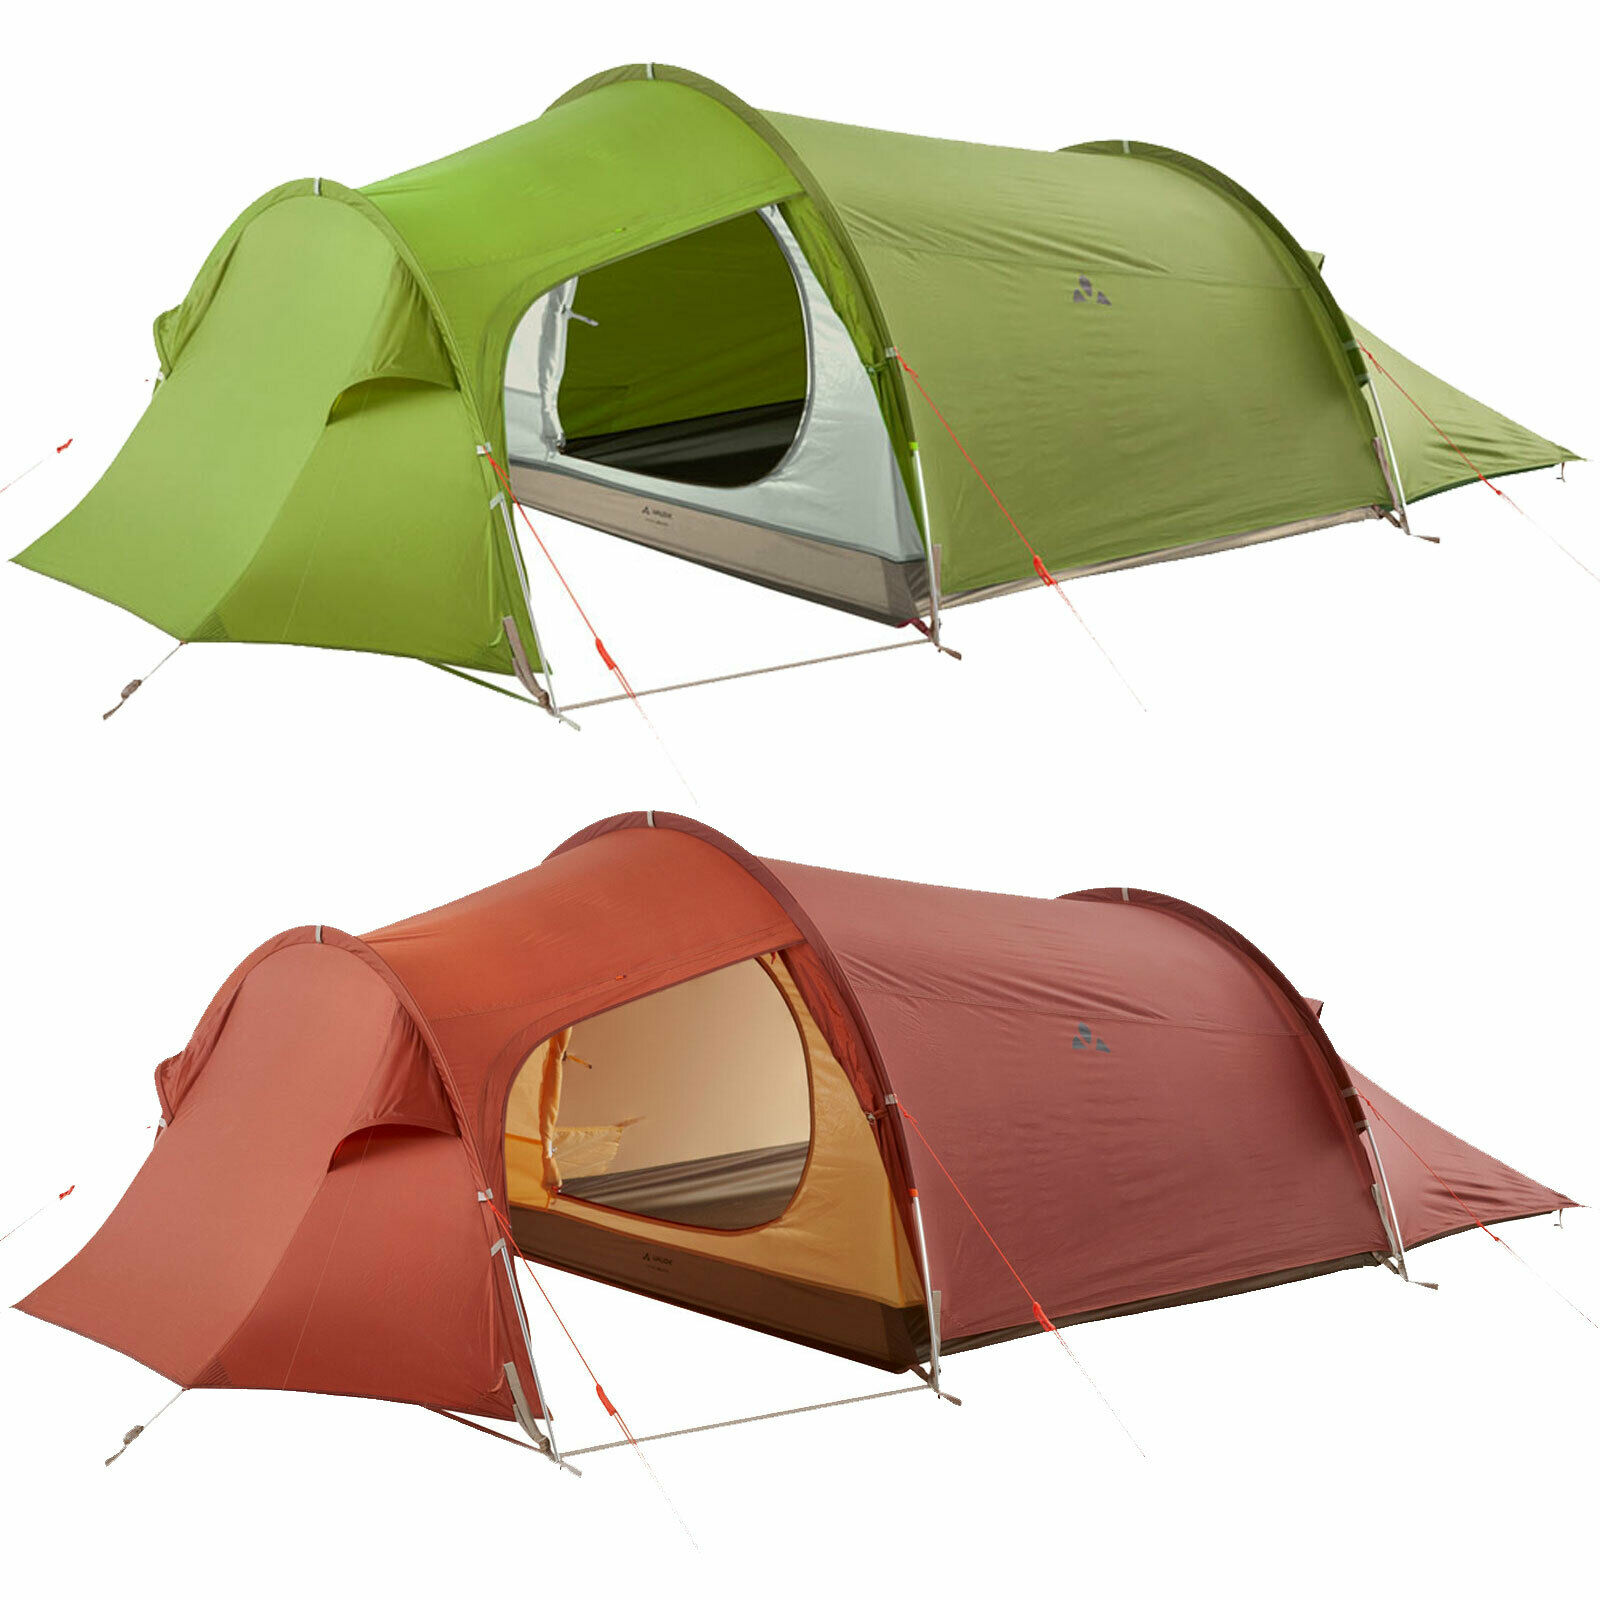 Vaude arco XT carpa más personas tienda de camping tienda de trekking camping tienda túnel nuevo